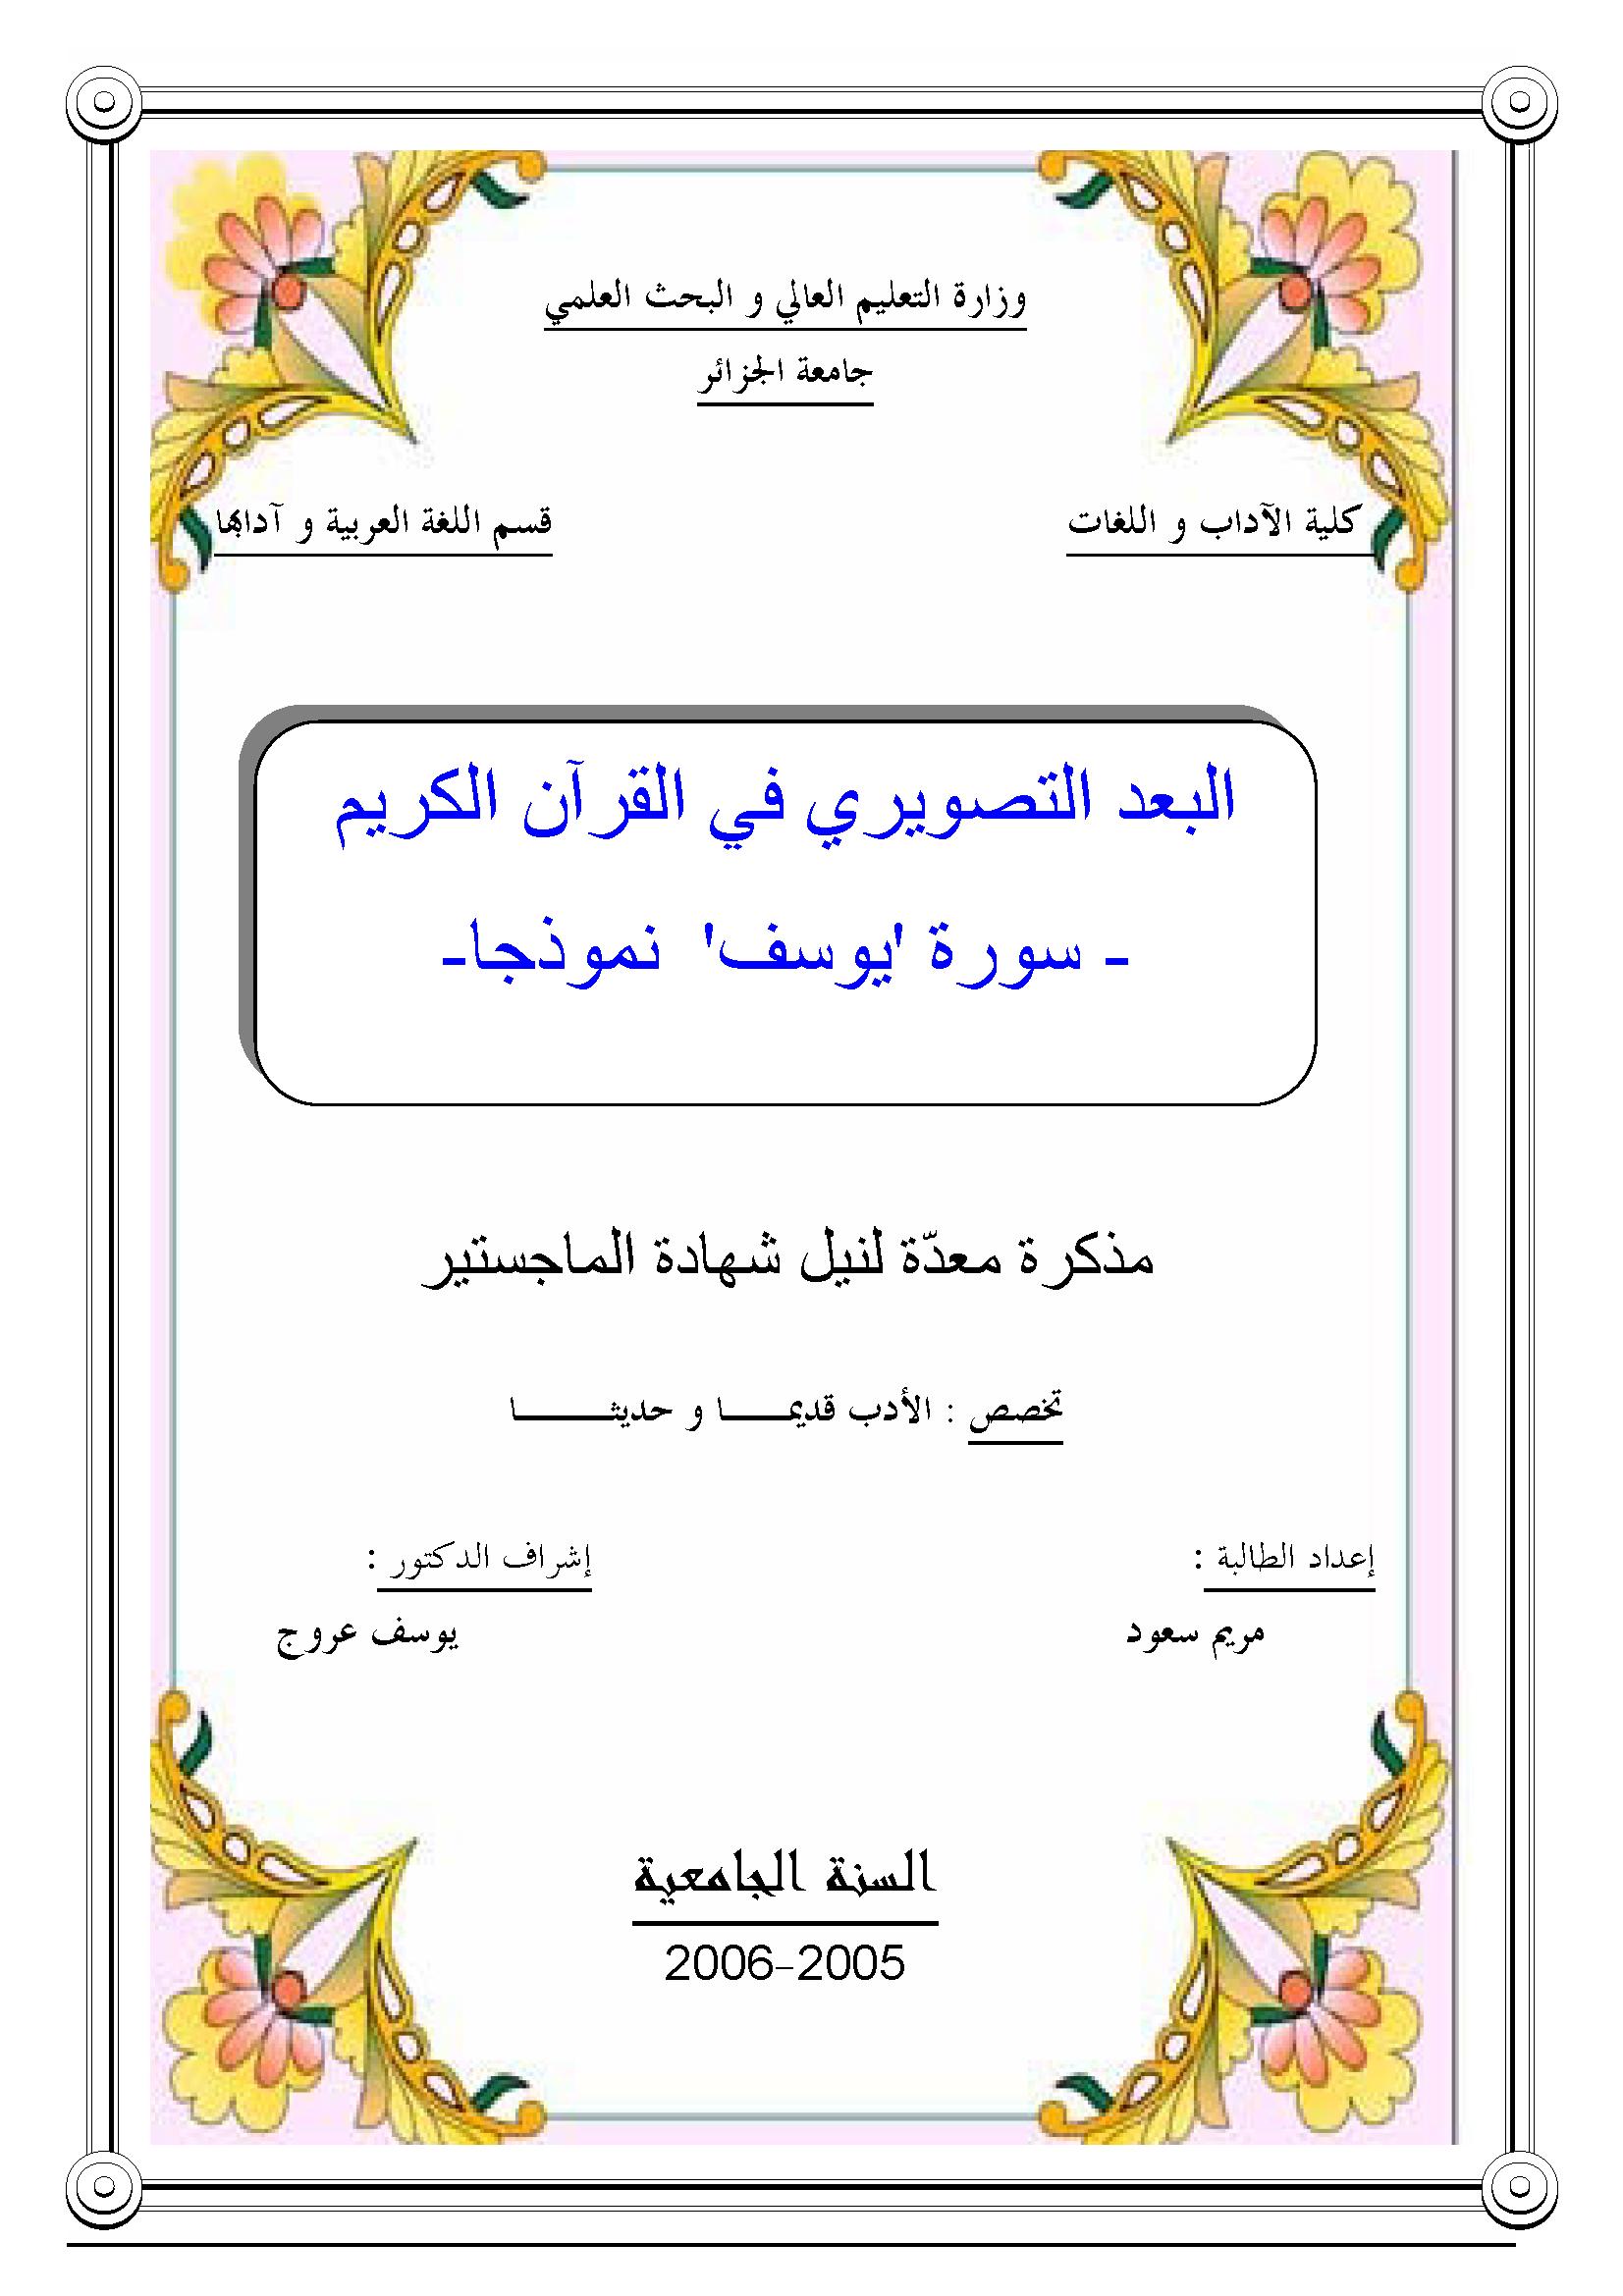 تحميل كتاب البعد التصويري في القرآن الكريم (سورة يوسف نموذجًا) لـِ: مريم سعود